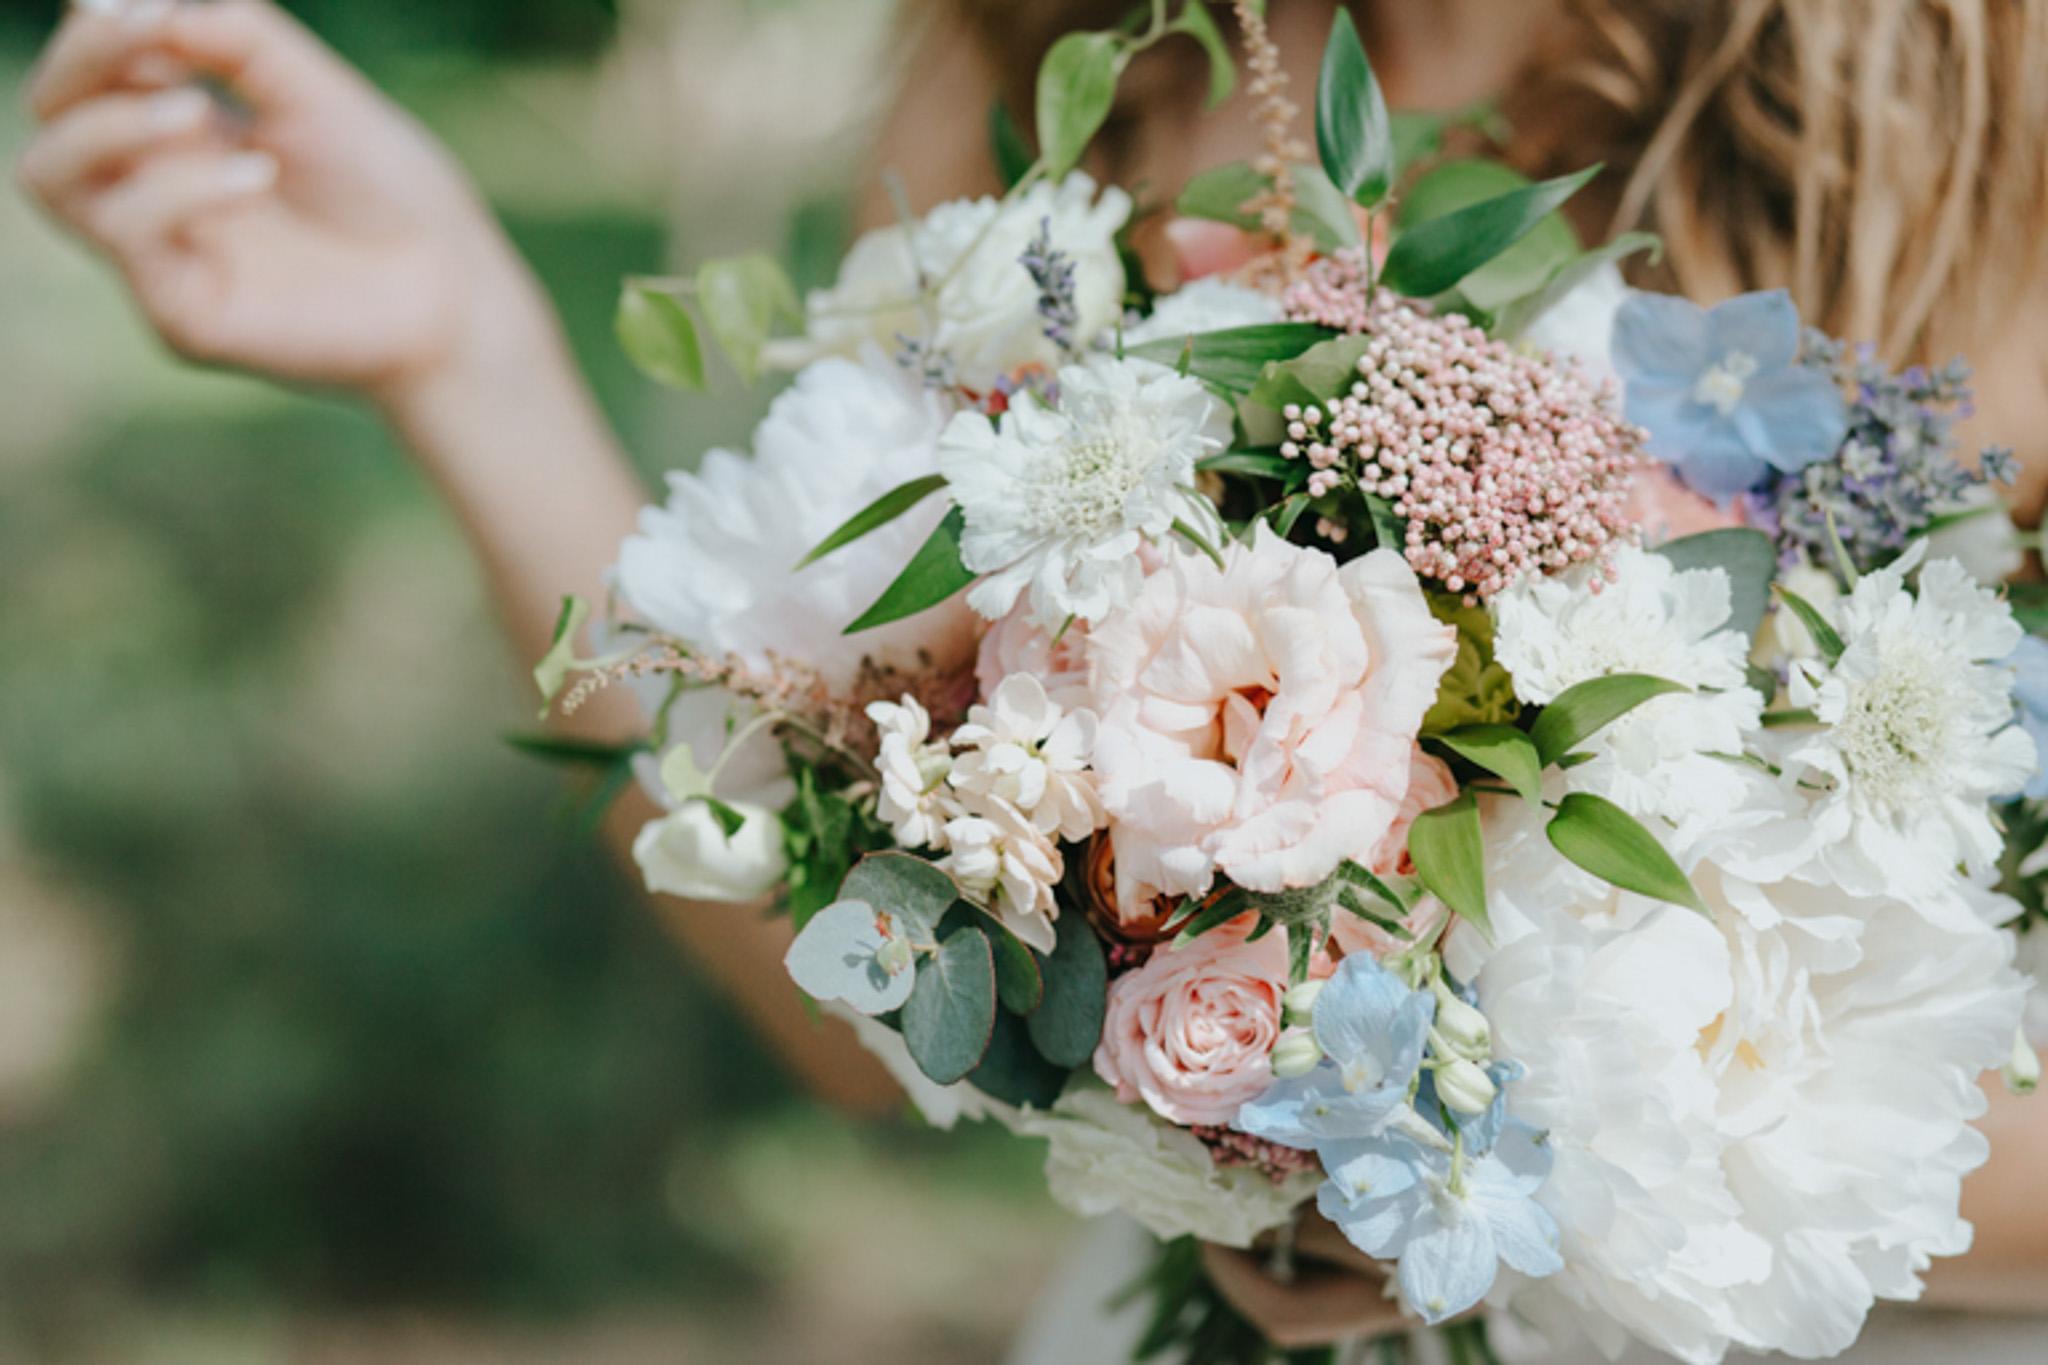 Fotografie de nunta Mogosoaia fotograf Dana Sacalov